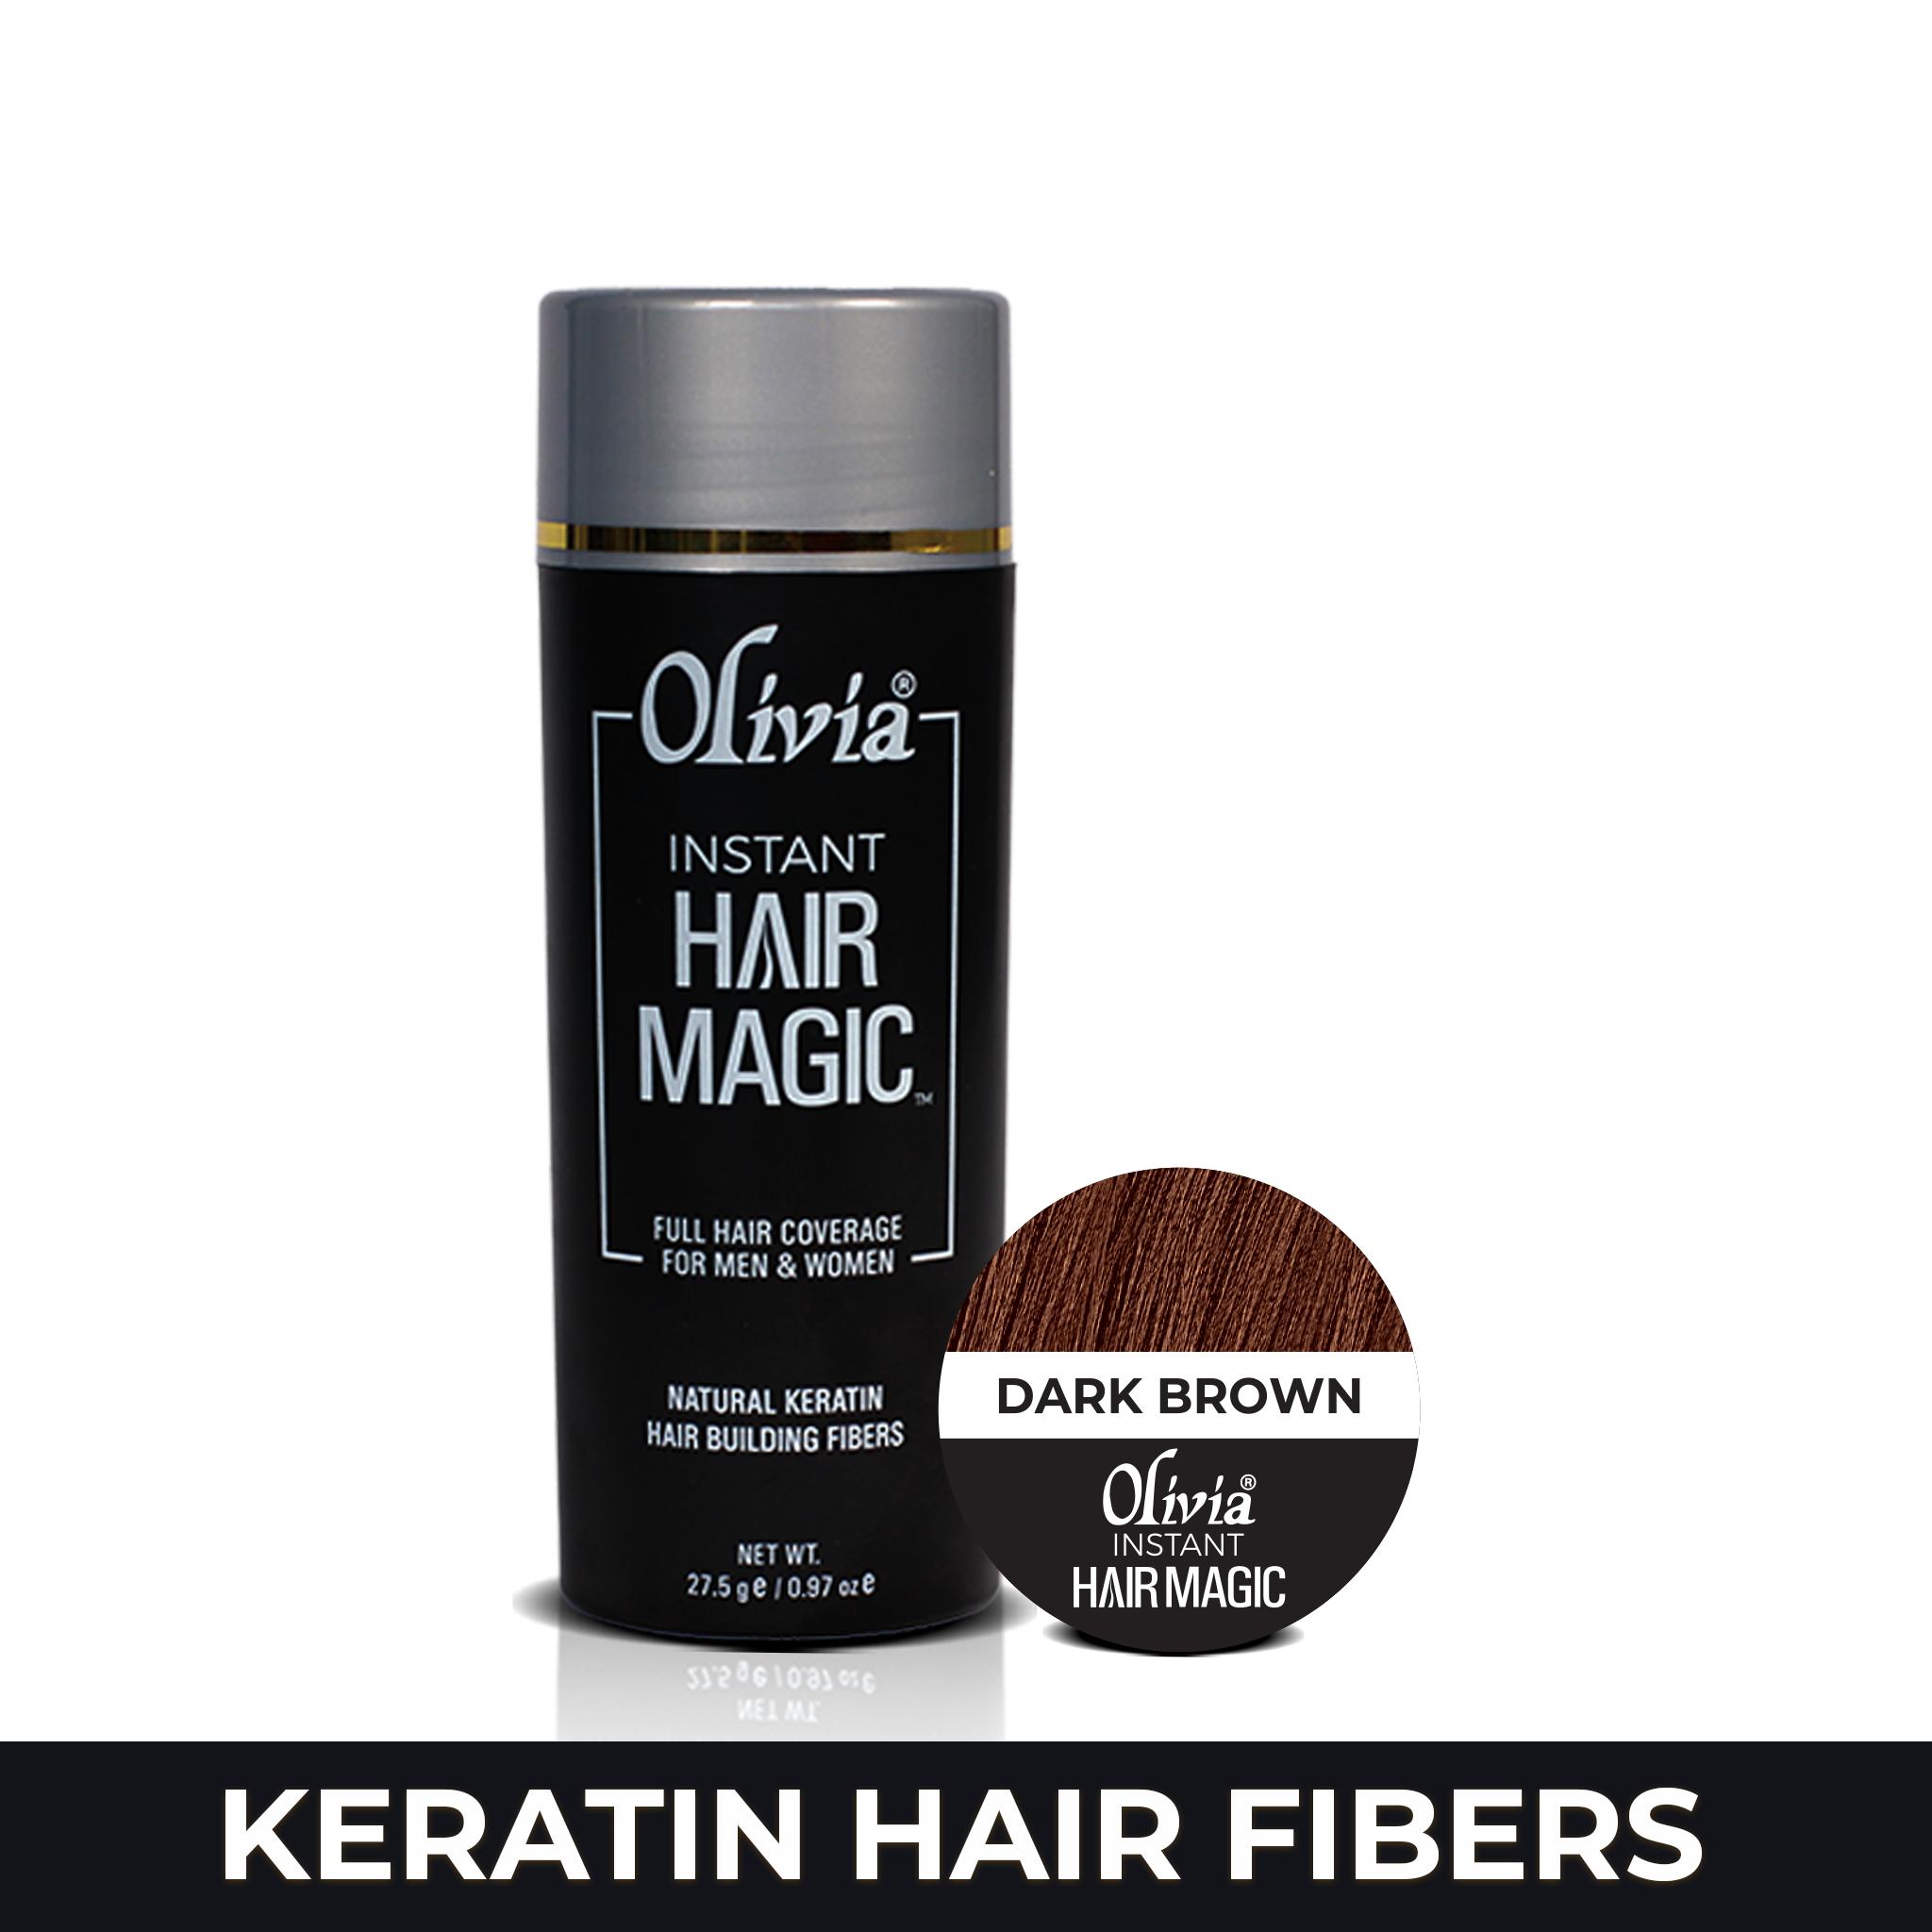 Olivia Instant Hair Magic - Dark Brown